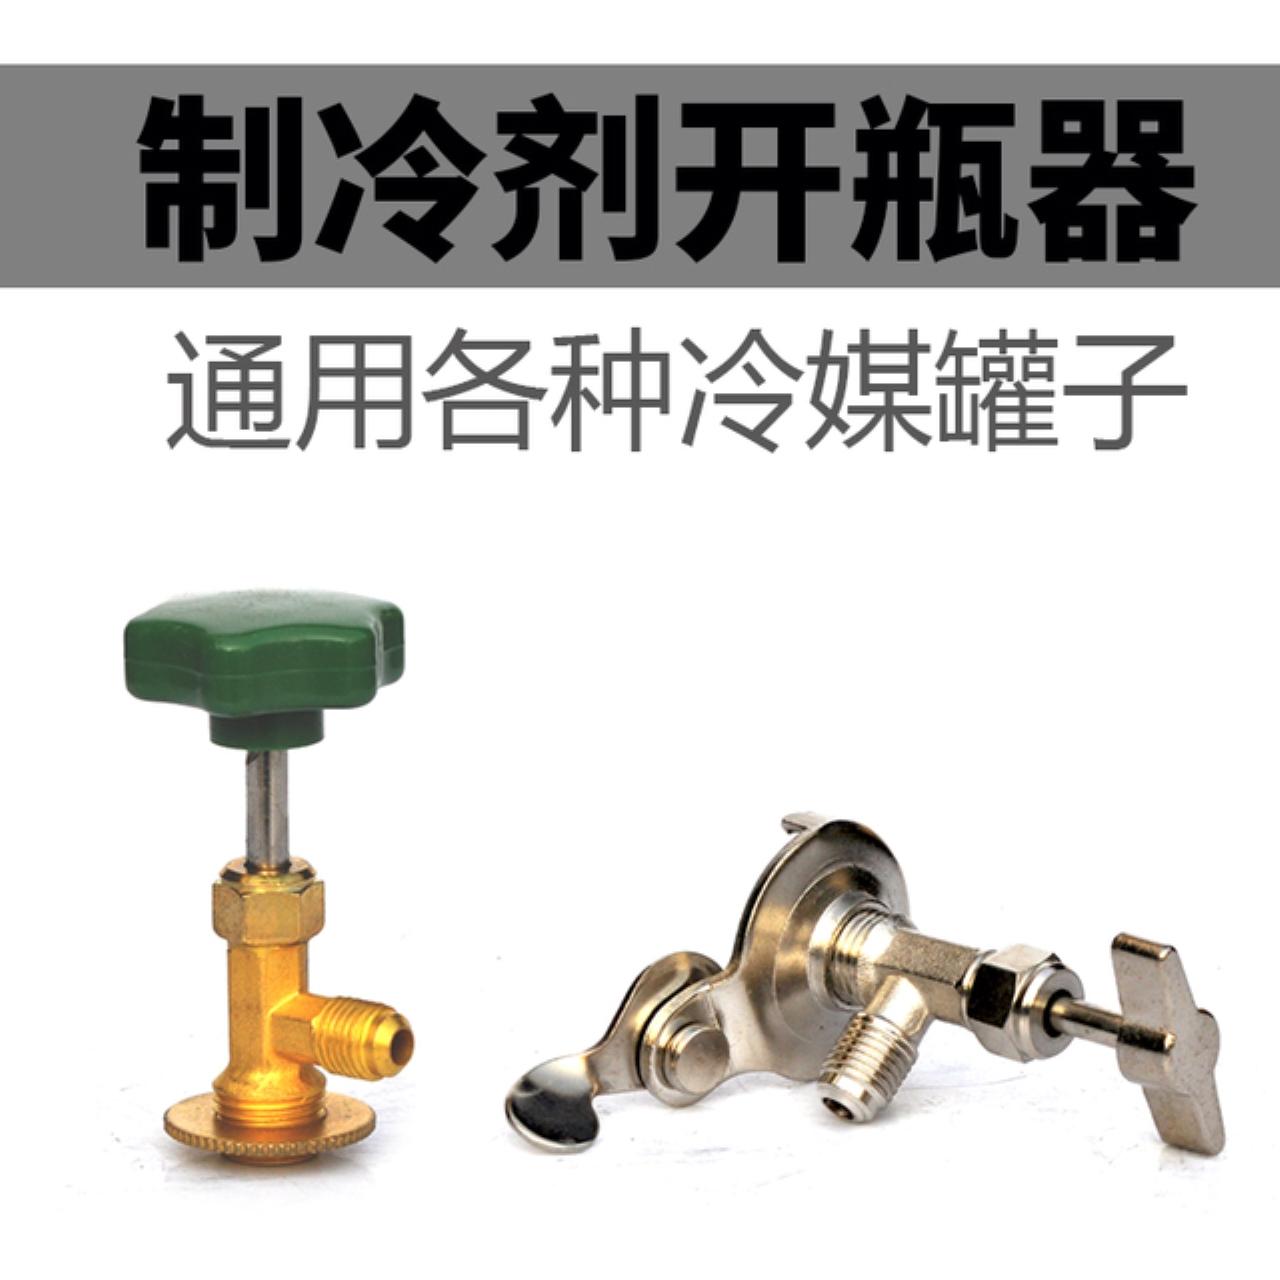 Com ar condicionado e refrigeração 0A60 ang /R12 abridor de garrafa de refrigerante T338R340 abre a válvula.